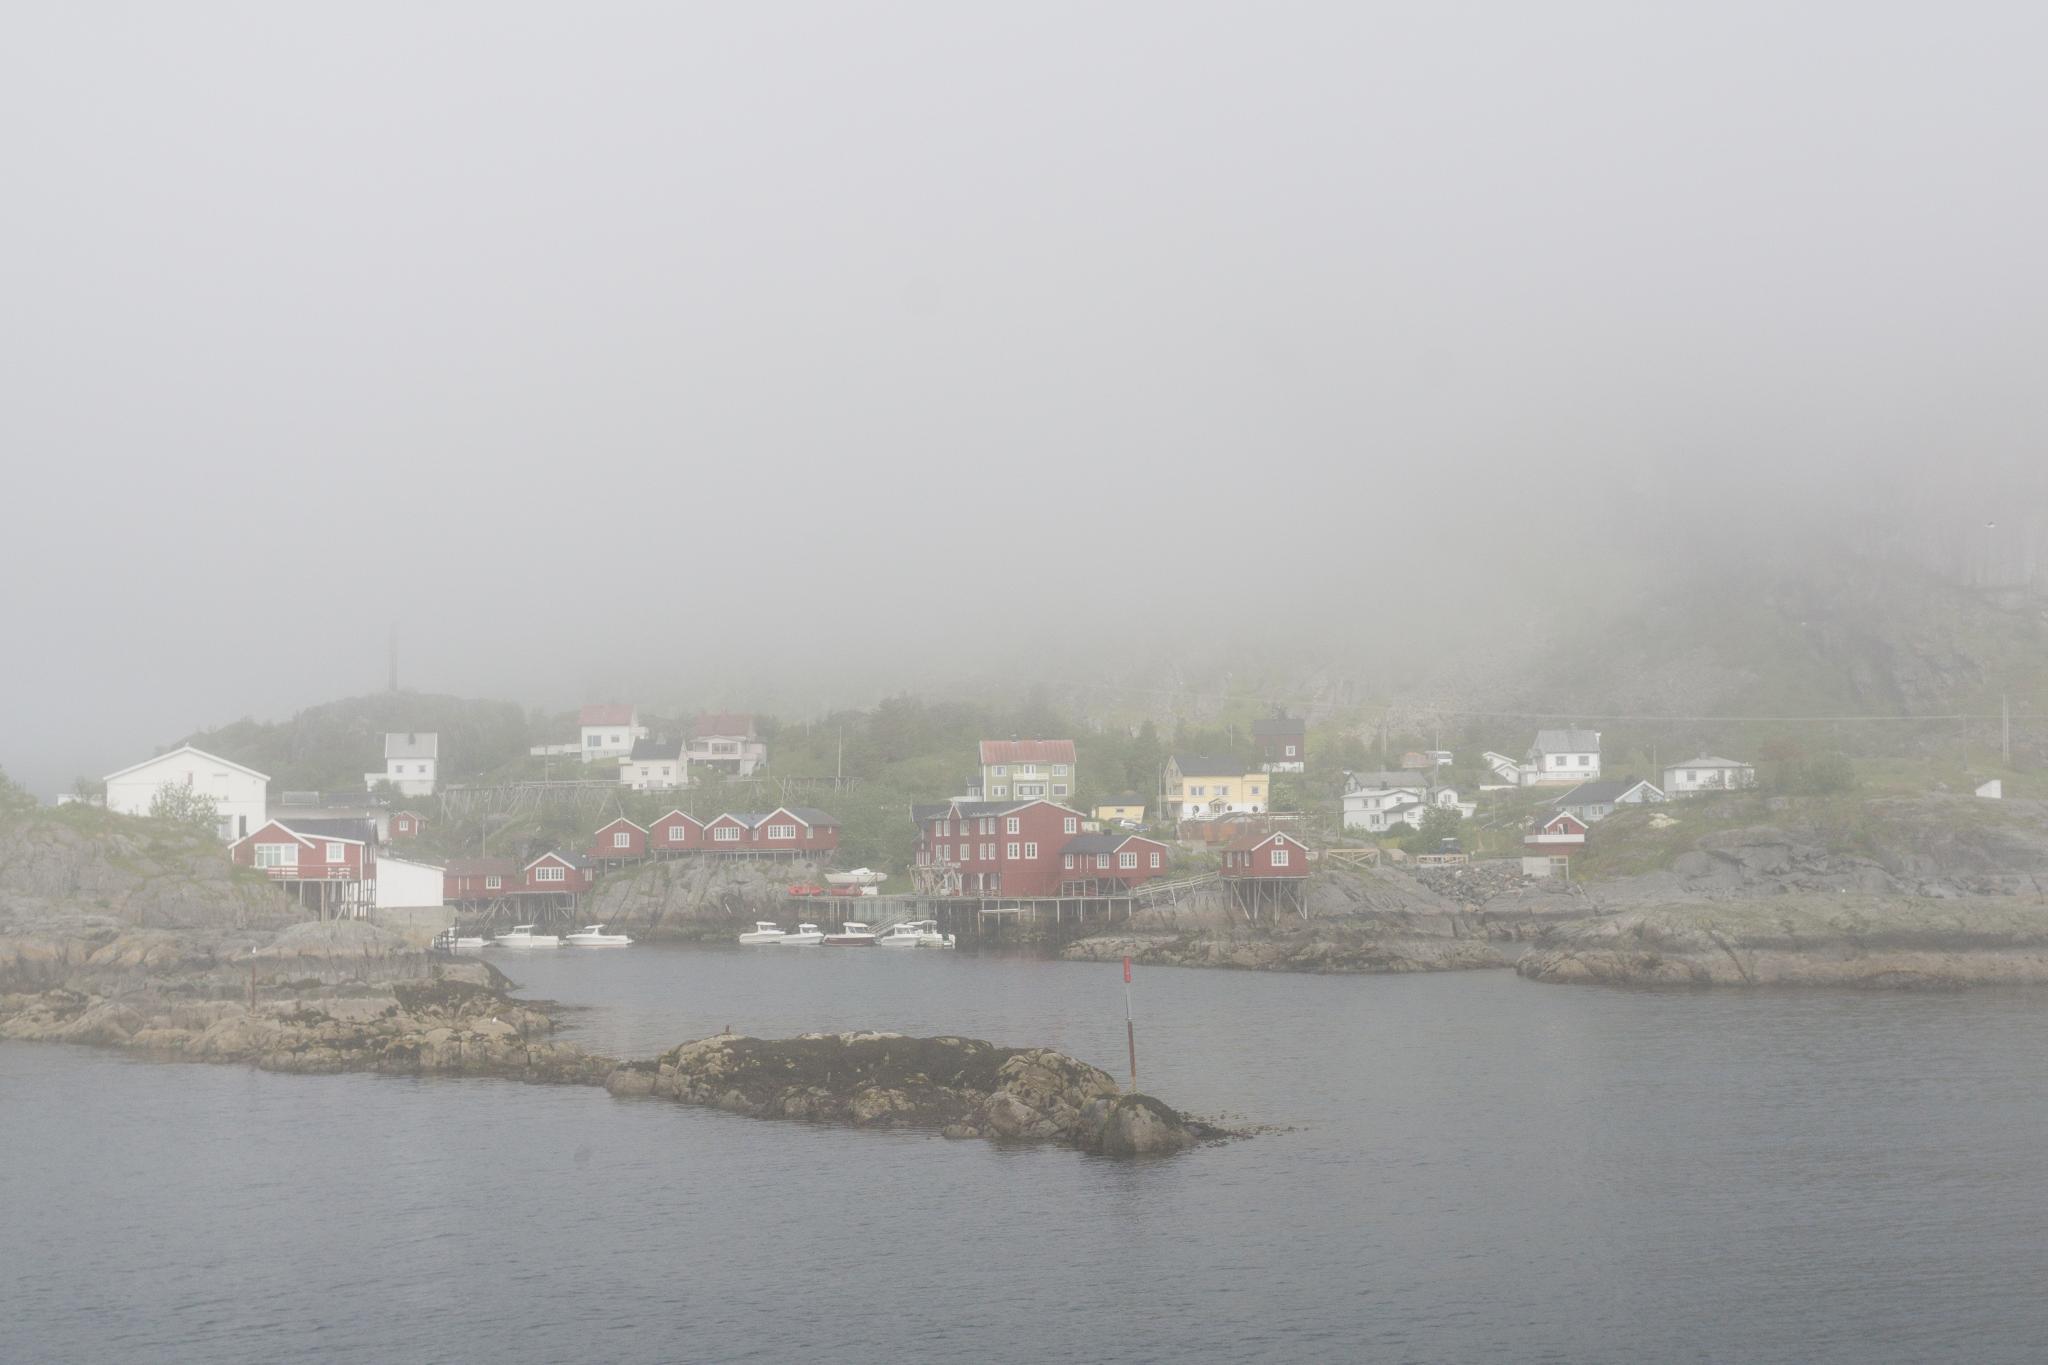 【羅弗敦群島】世界最短的地名 - Å 奧鎮 13